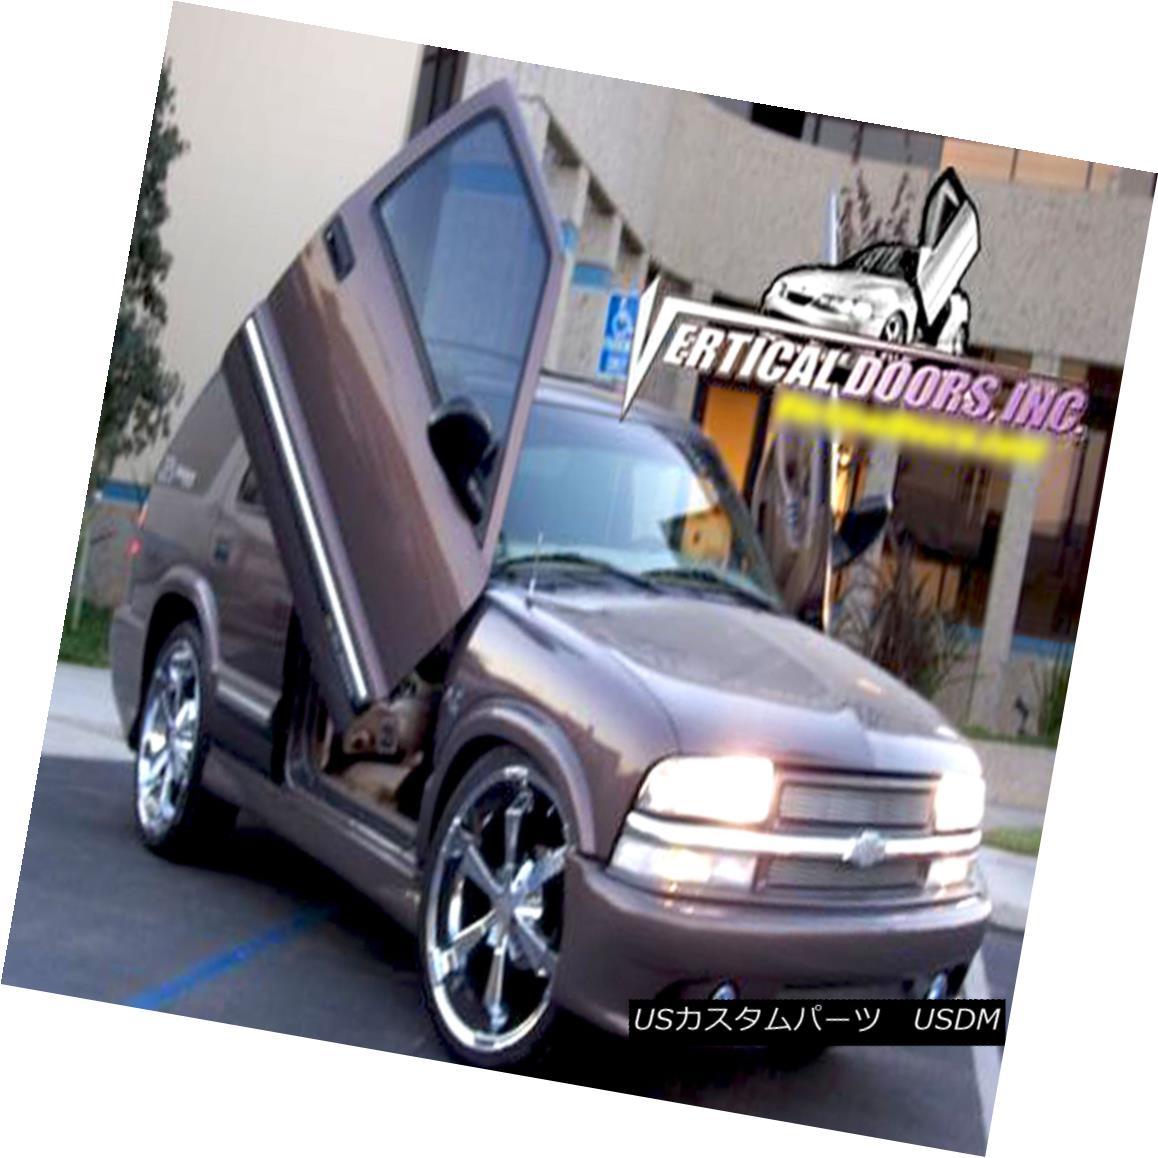 ガルウィングキット Vertical Doors Inc. Bolt-On Lambo Kit for Chevrolet Blazer 95-05 Vertical Doors Inc.シボレーブレイザー95-05のボルトオンランボキット